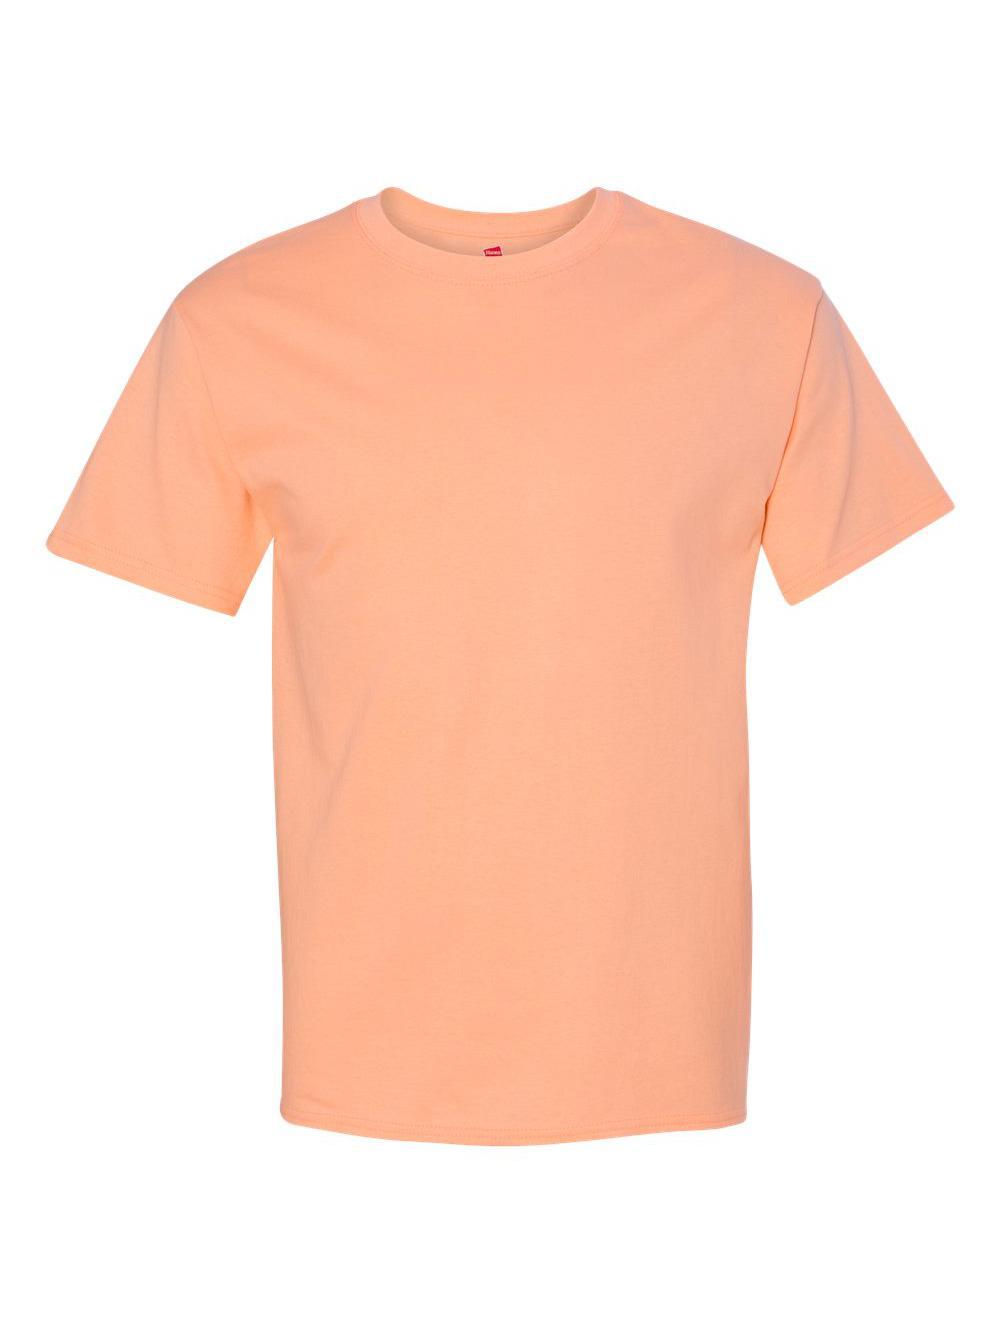 Hanes-Tagless-T-Shirt-5250 thumbnail 15